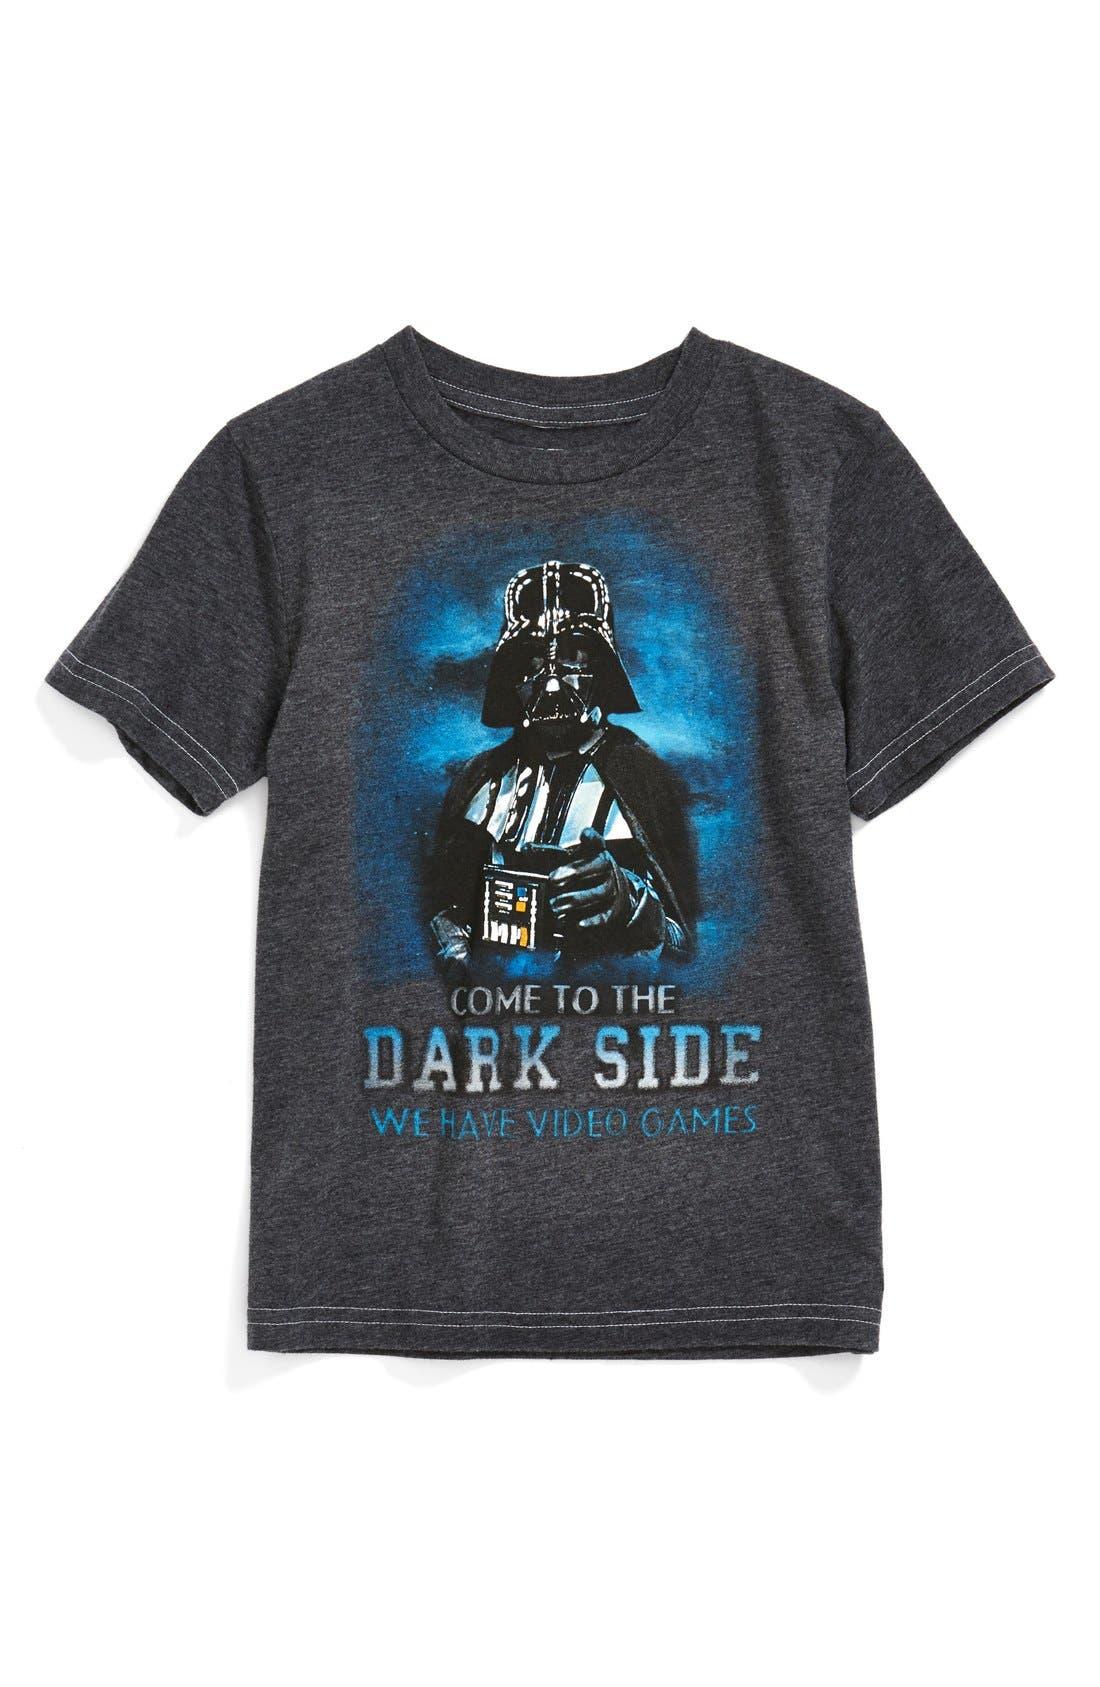 Alternate Image 1 Selected - Jem 'Dark Side Darth' T-Shirt (Toddler Boys & Little Boys)